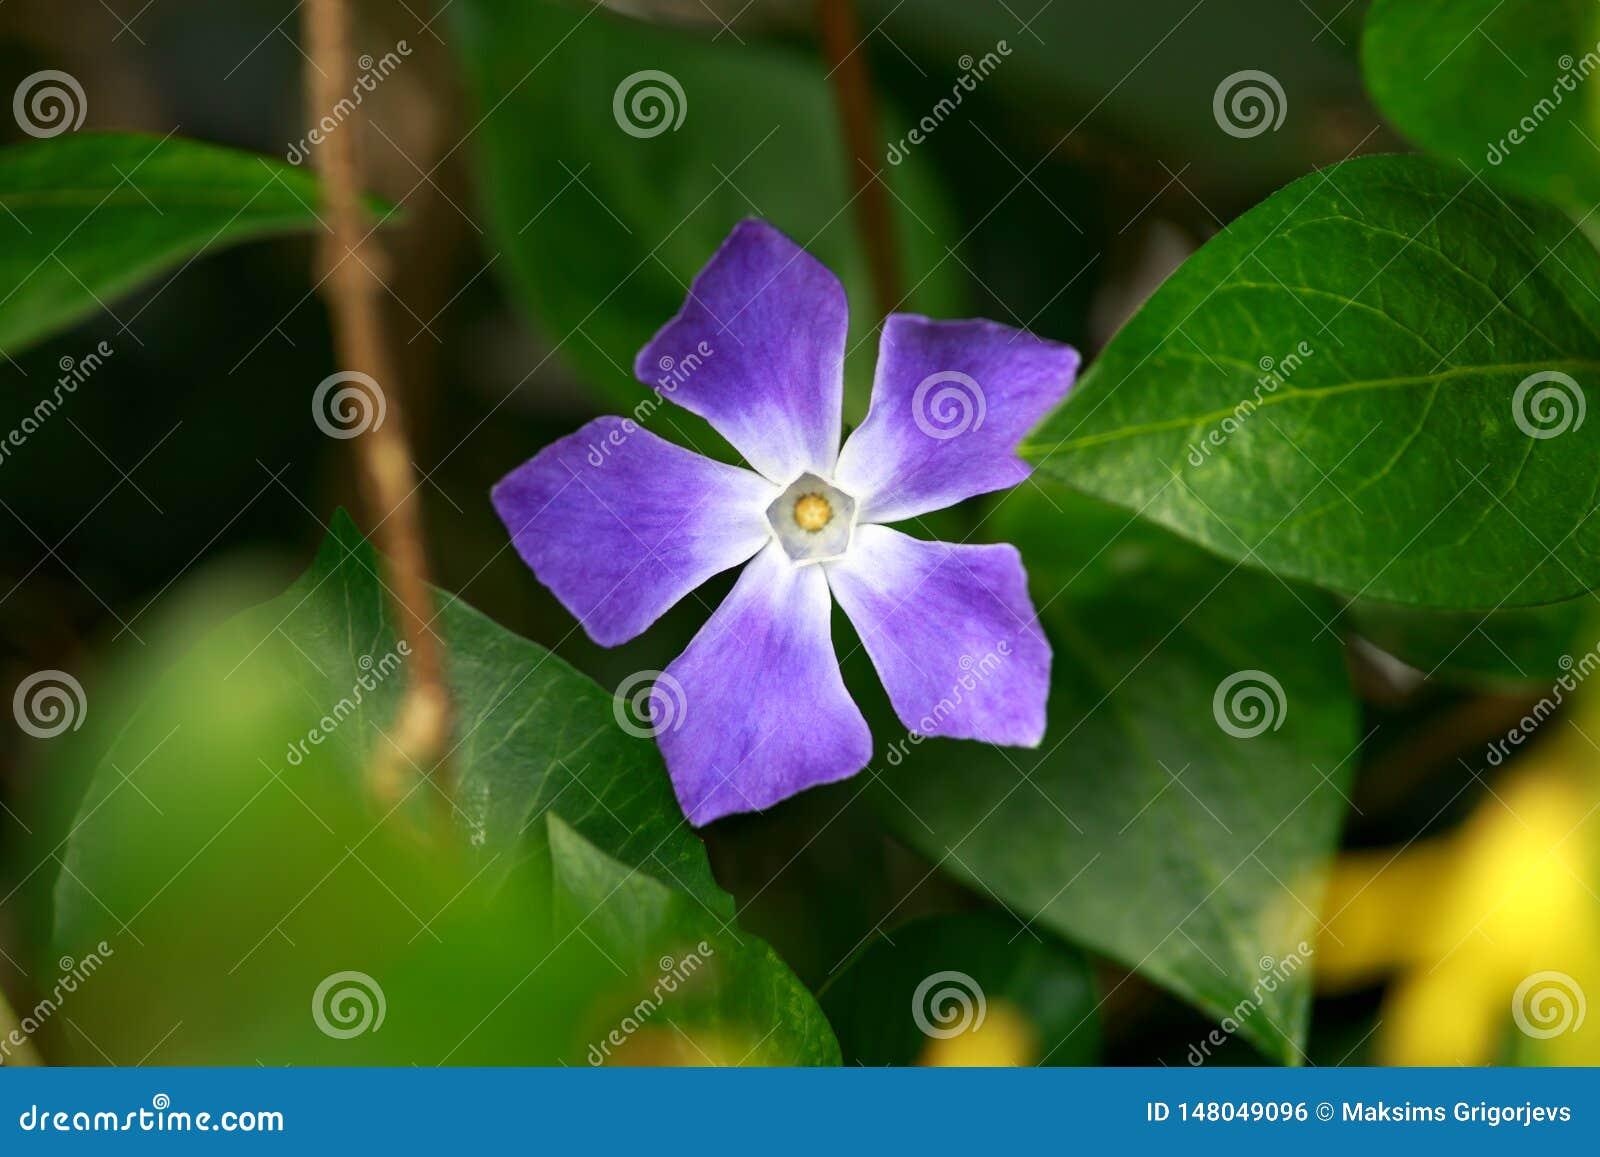 Vintergröna Vincaminderårig, växt med blommor som inspring trädgården